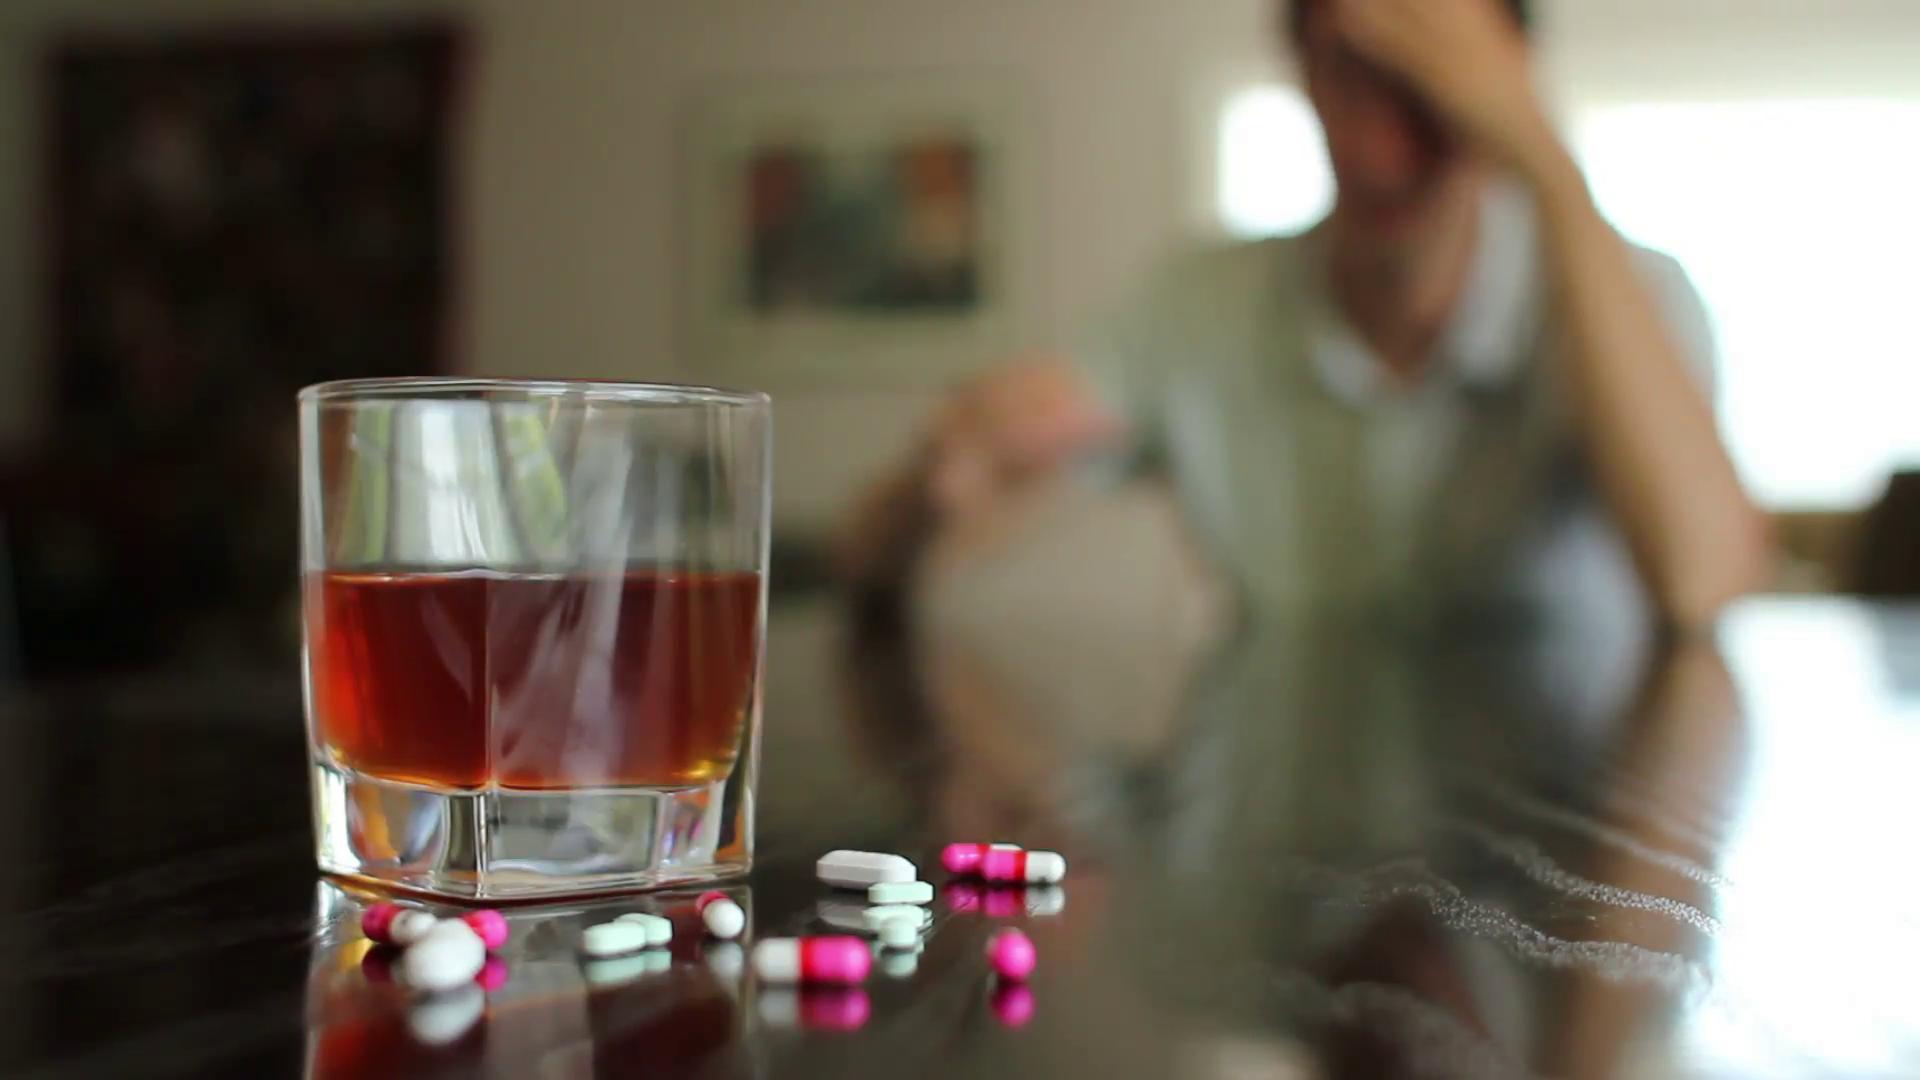 Линекс и алкоголь: опасное сочетание